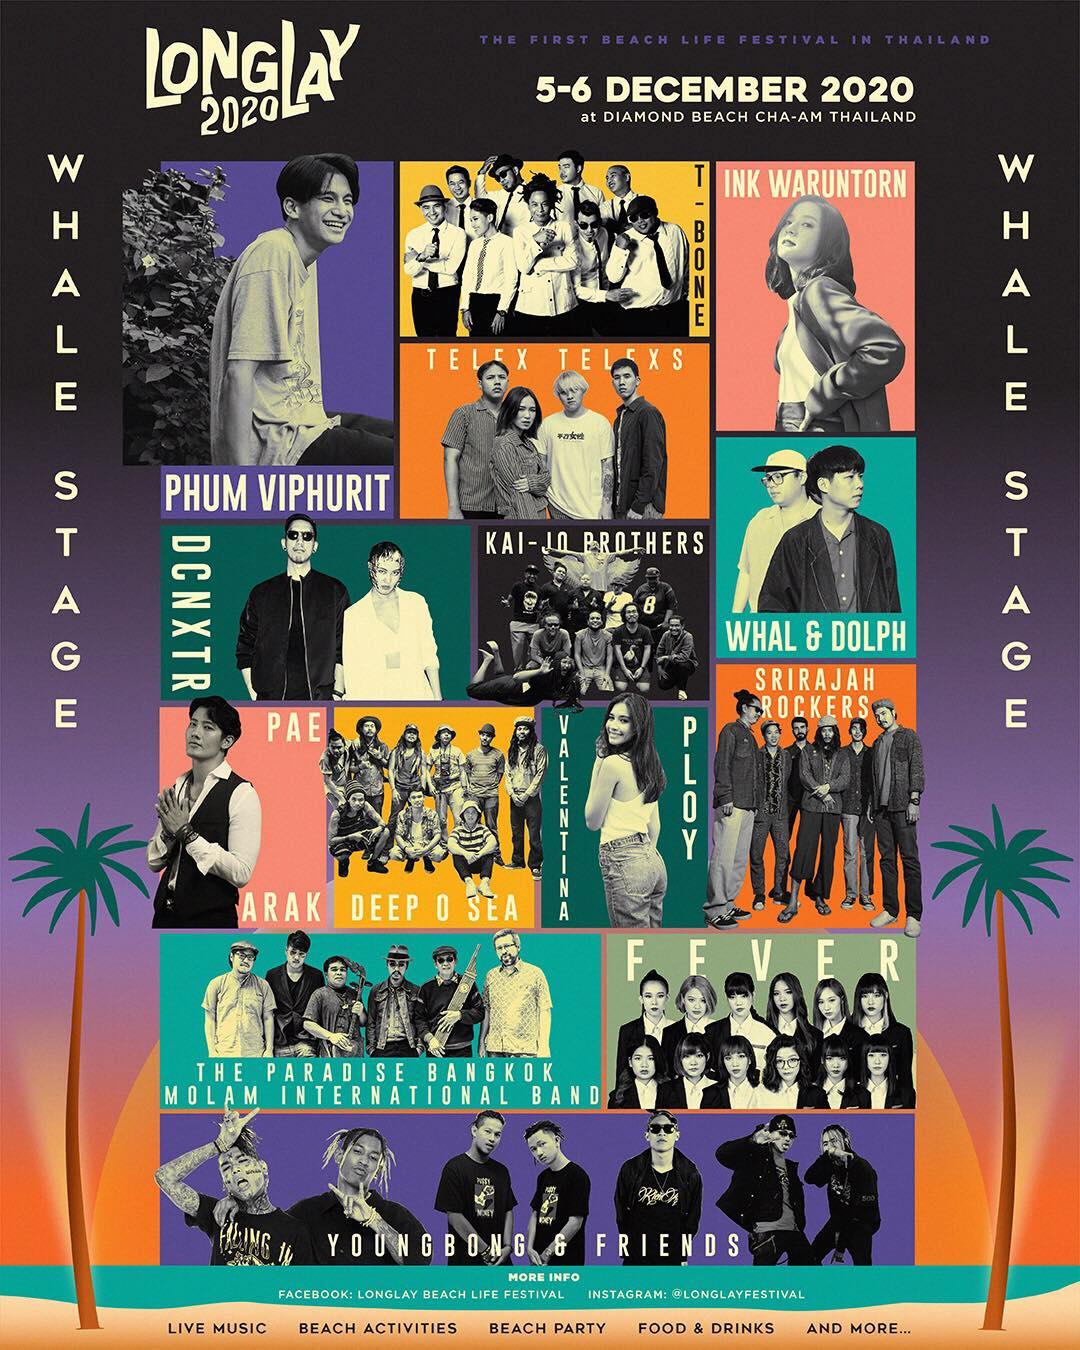 ลงเล บีช ไลฟ์ เฟสติวัล (LONGLAY BEACH LIFE FESTIVAL 2020) 5-6 ธันวาคม 2563 ณ Diamond Beach ชะอำ จ.เพชรบุรี